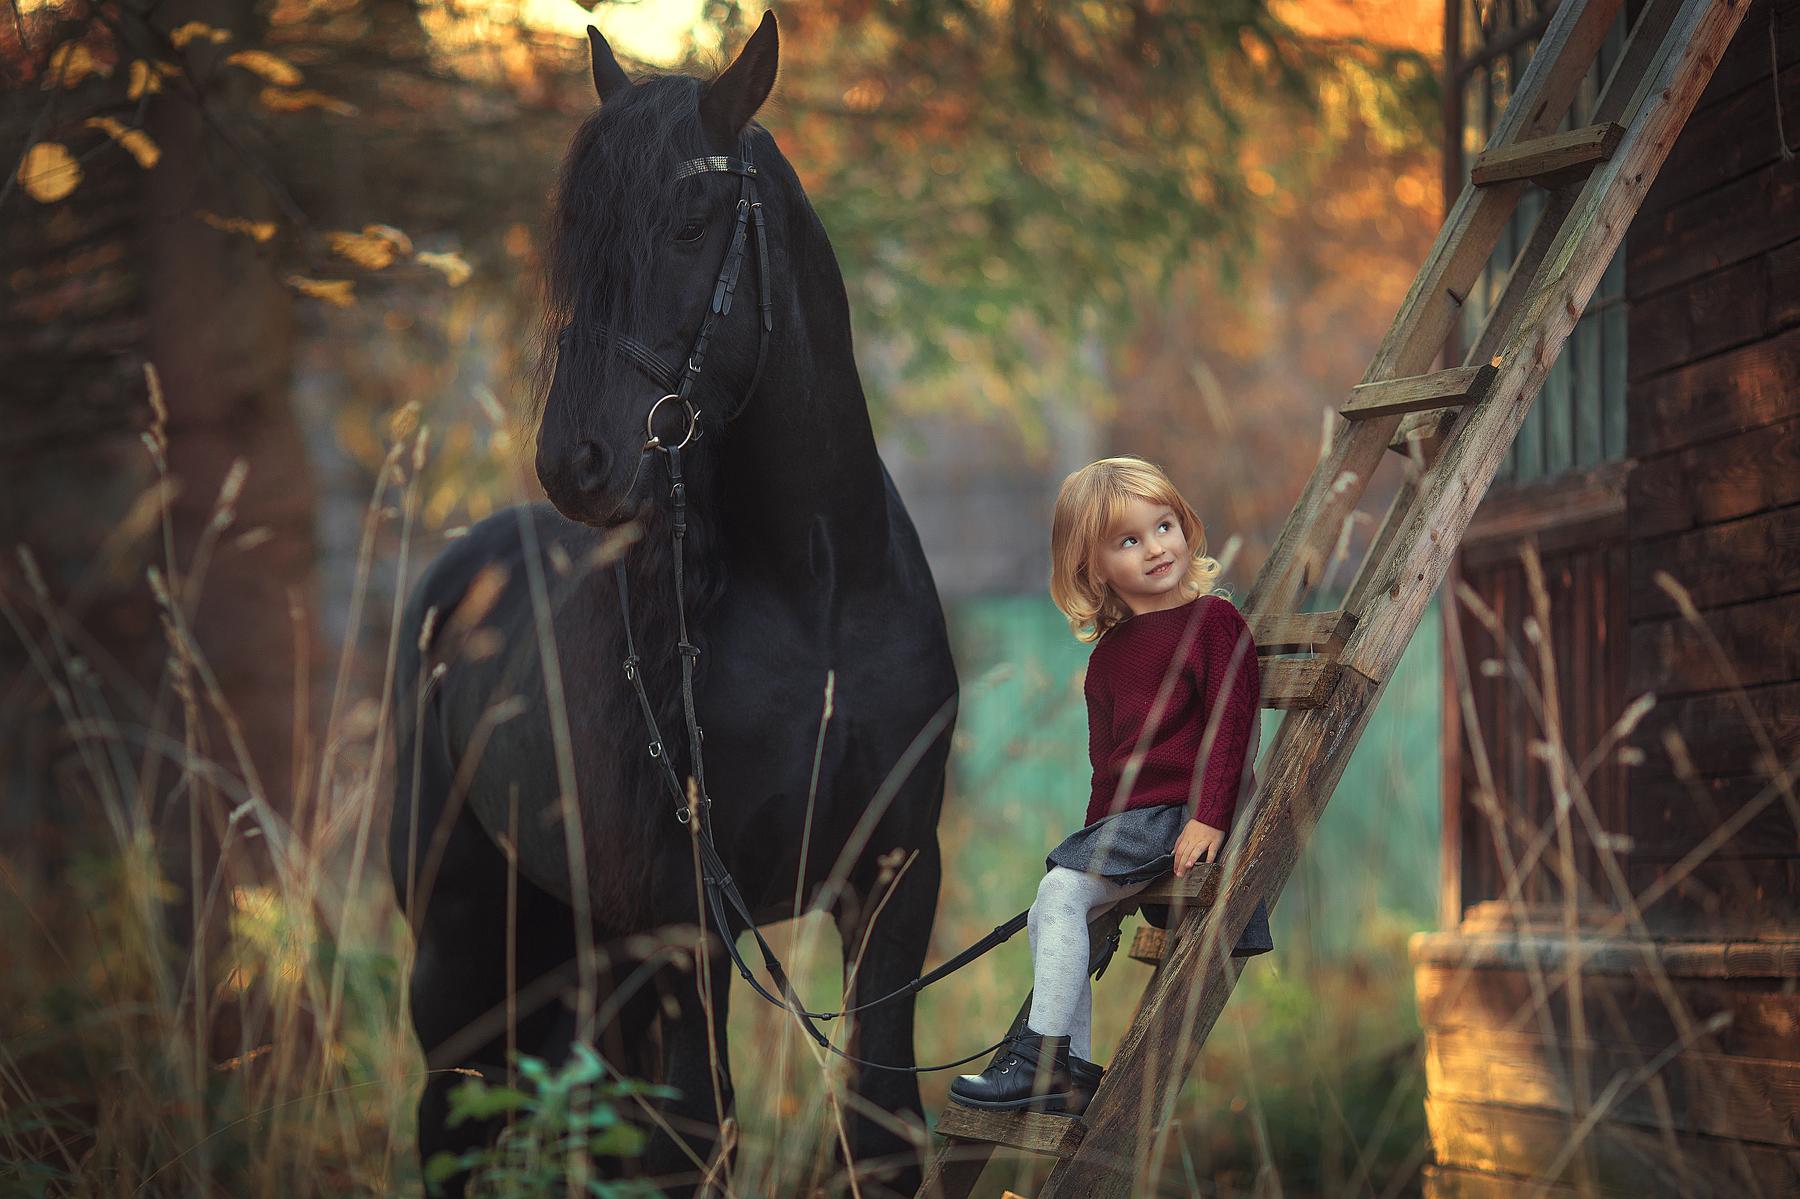 Фото Девочка сидит на лестнице и рядом с ней стоит лошадь. Фотограф Анюта Онтикова